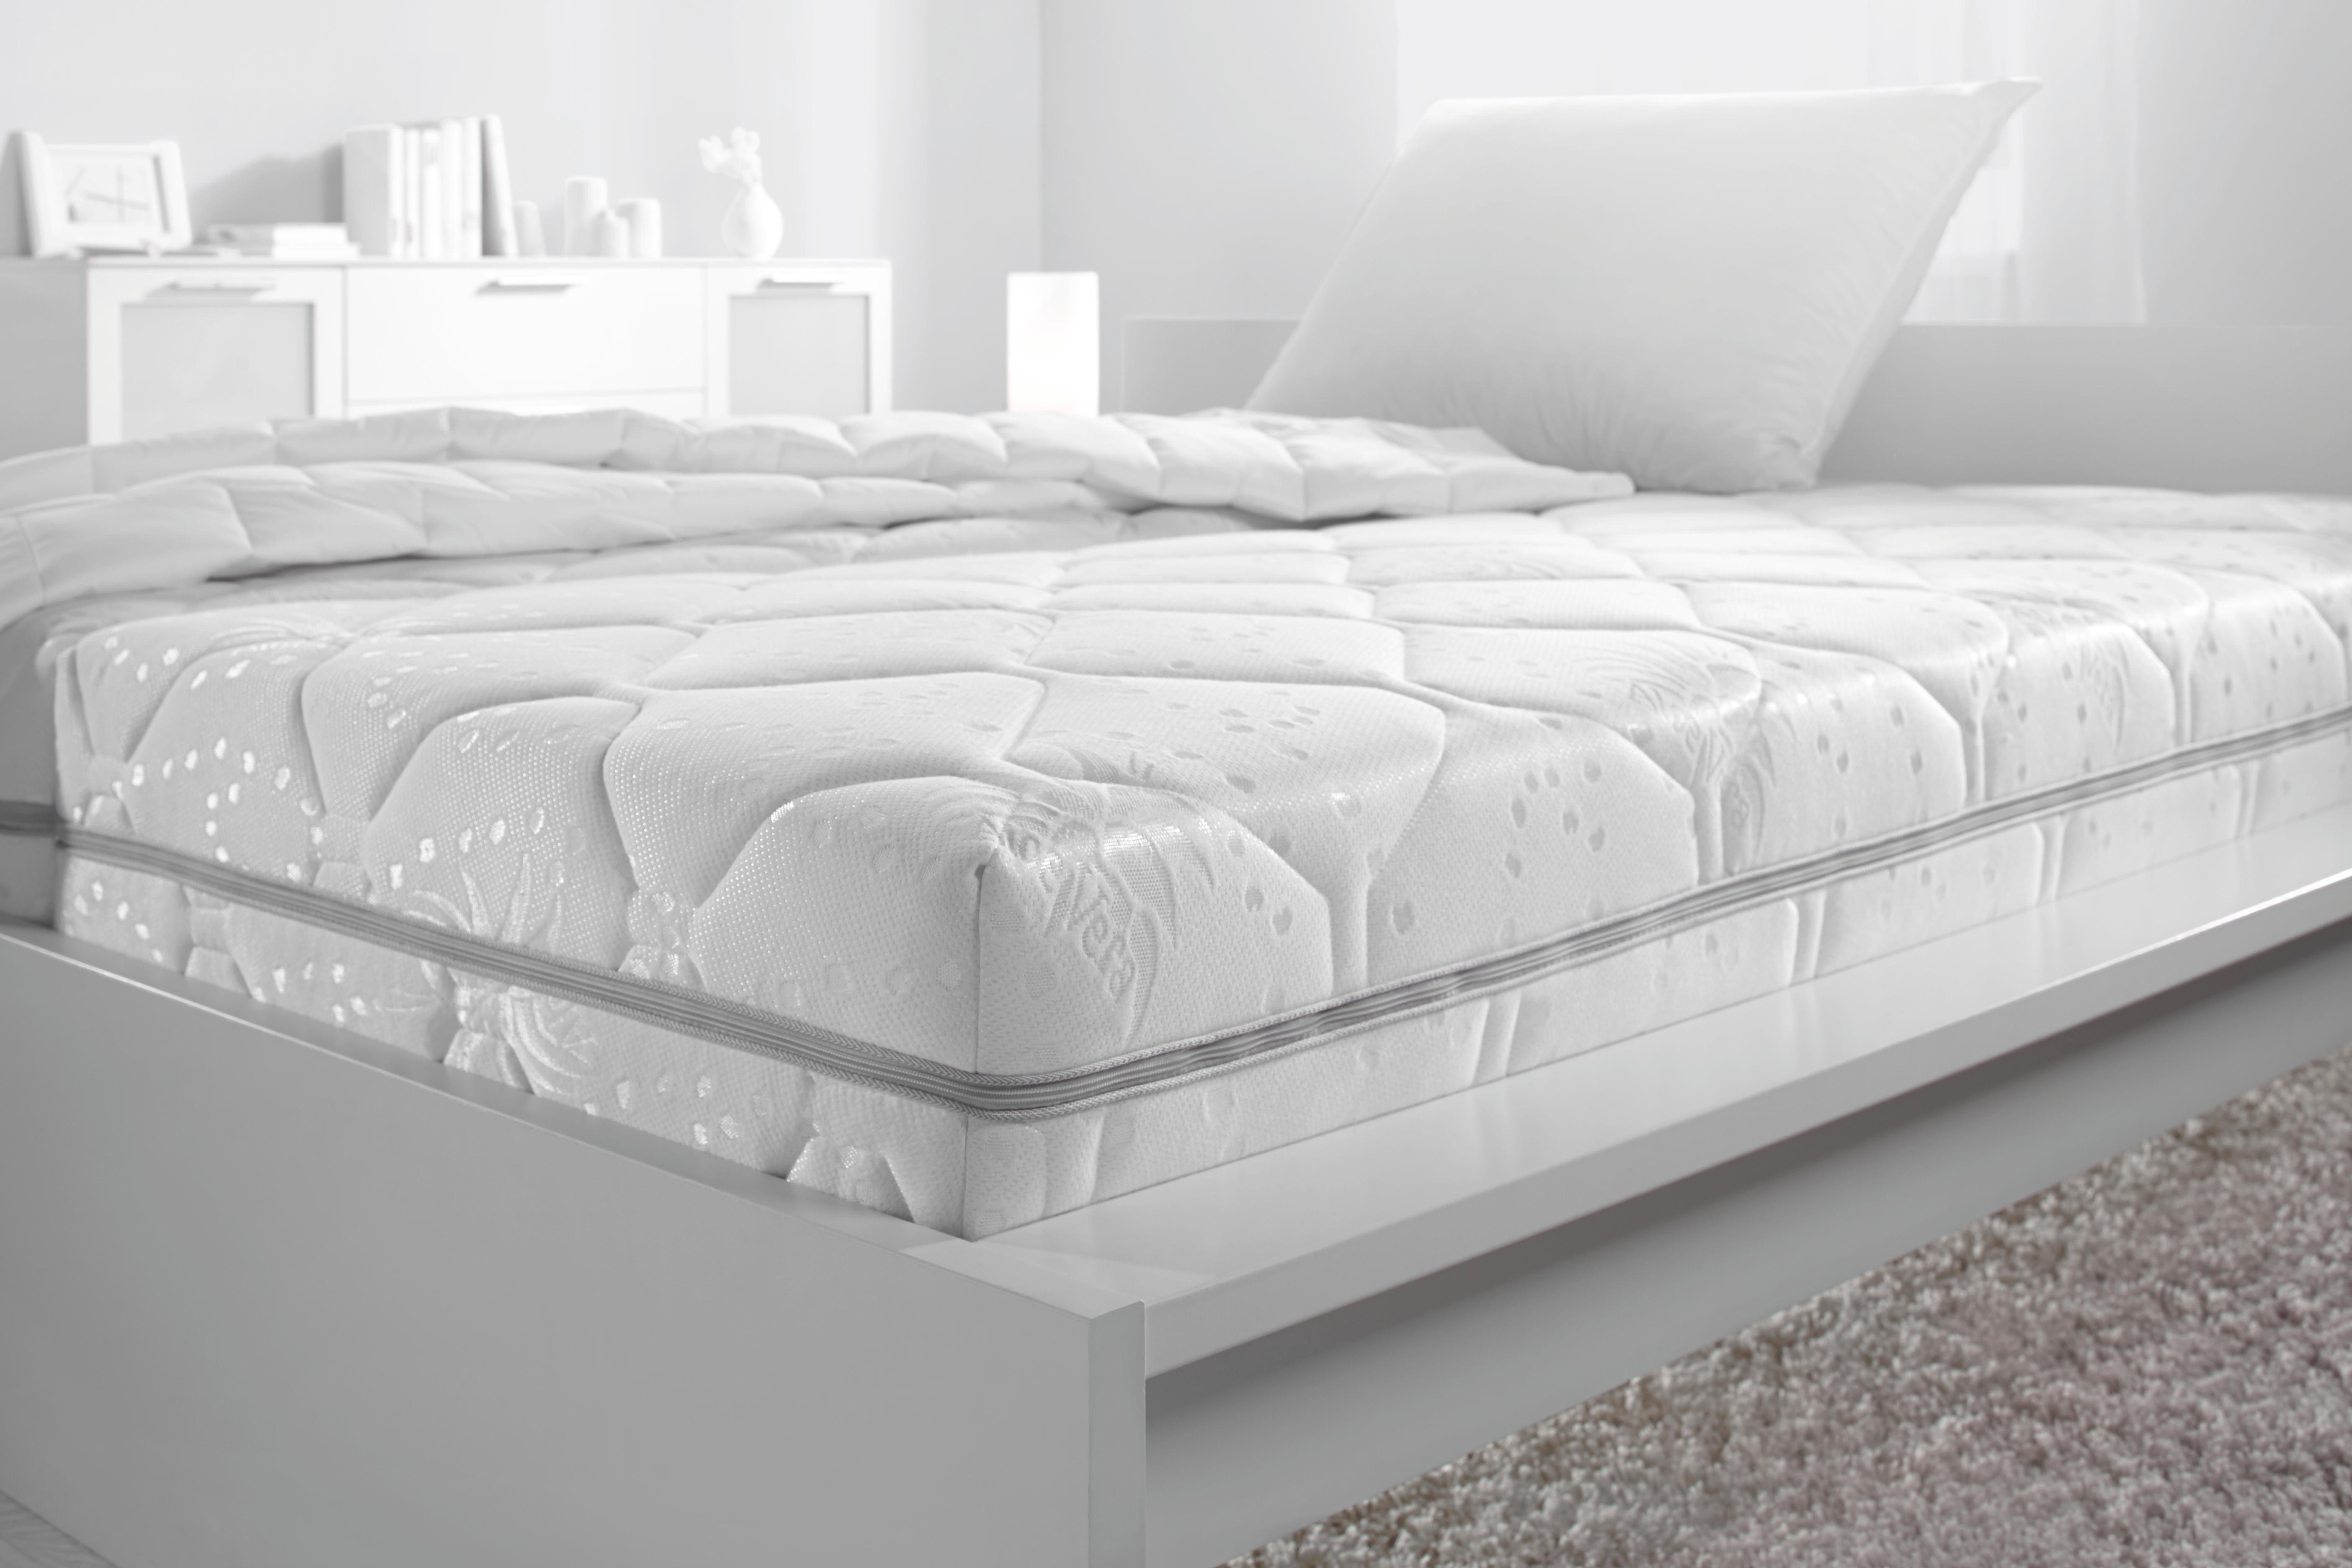 Taschenfederkernmatratze Micro, ca. 140x200cm - Weiß, Textil (140/200cm) - NADANA